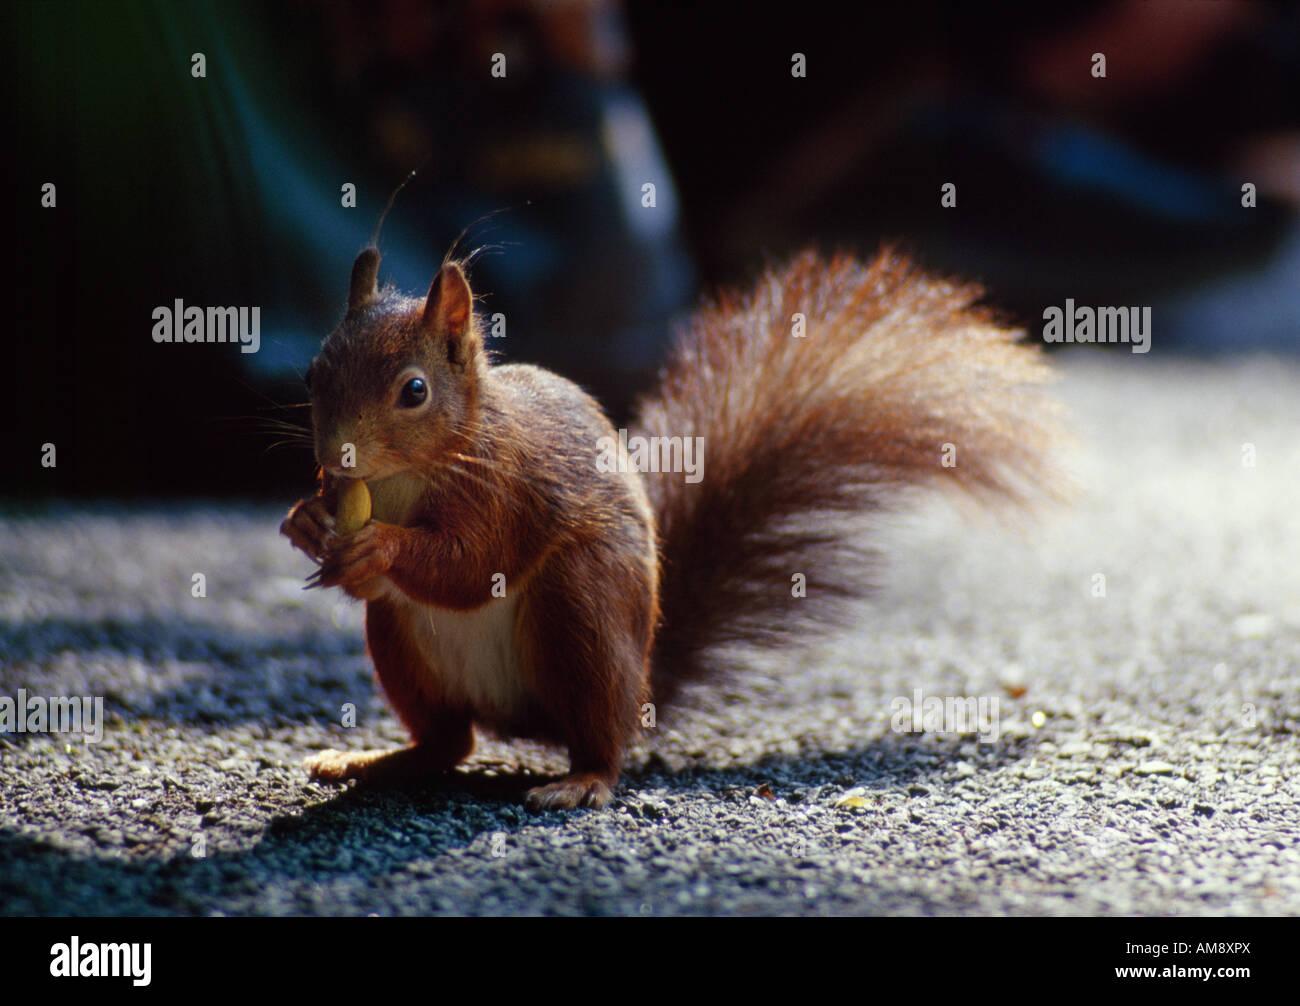 Squirrel eating a nut Eichhörnchen isst eine Nuss - Stock Image